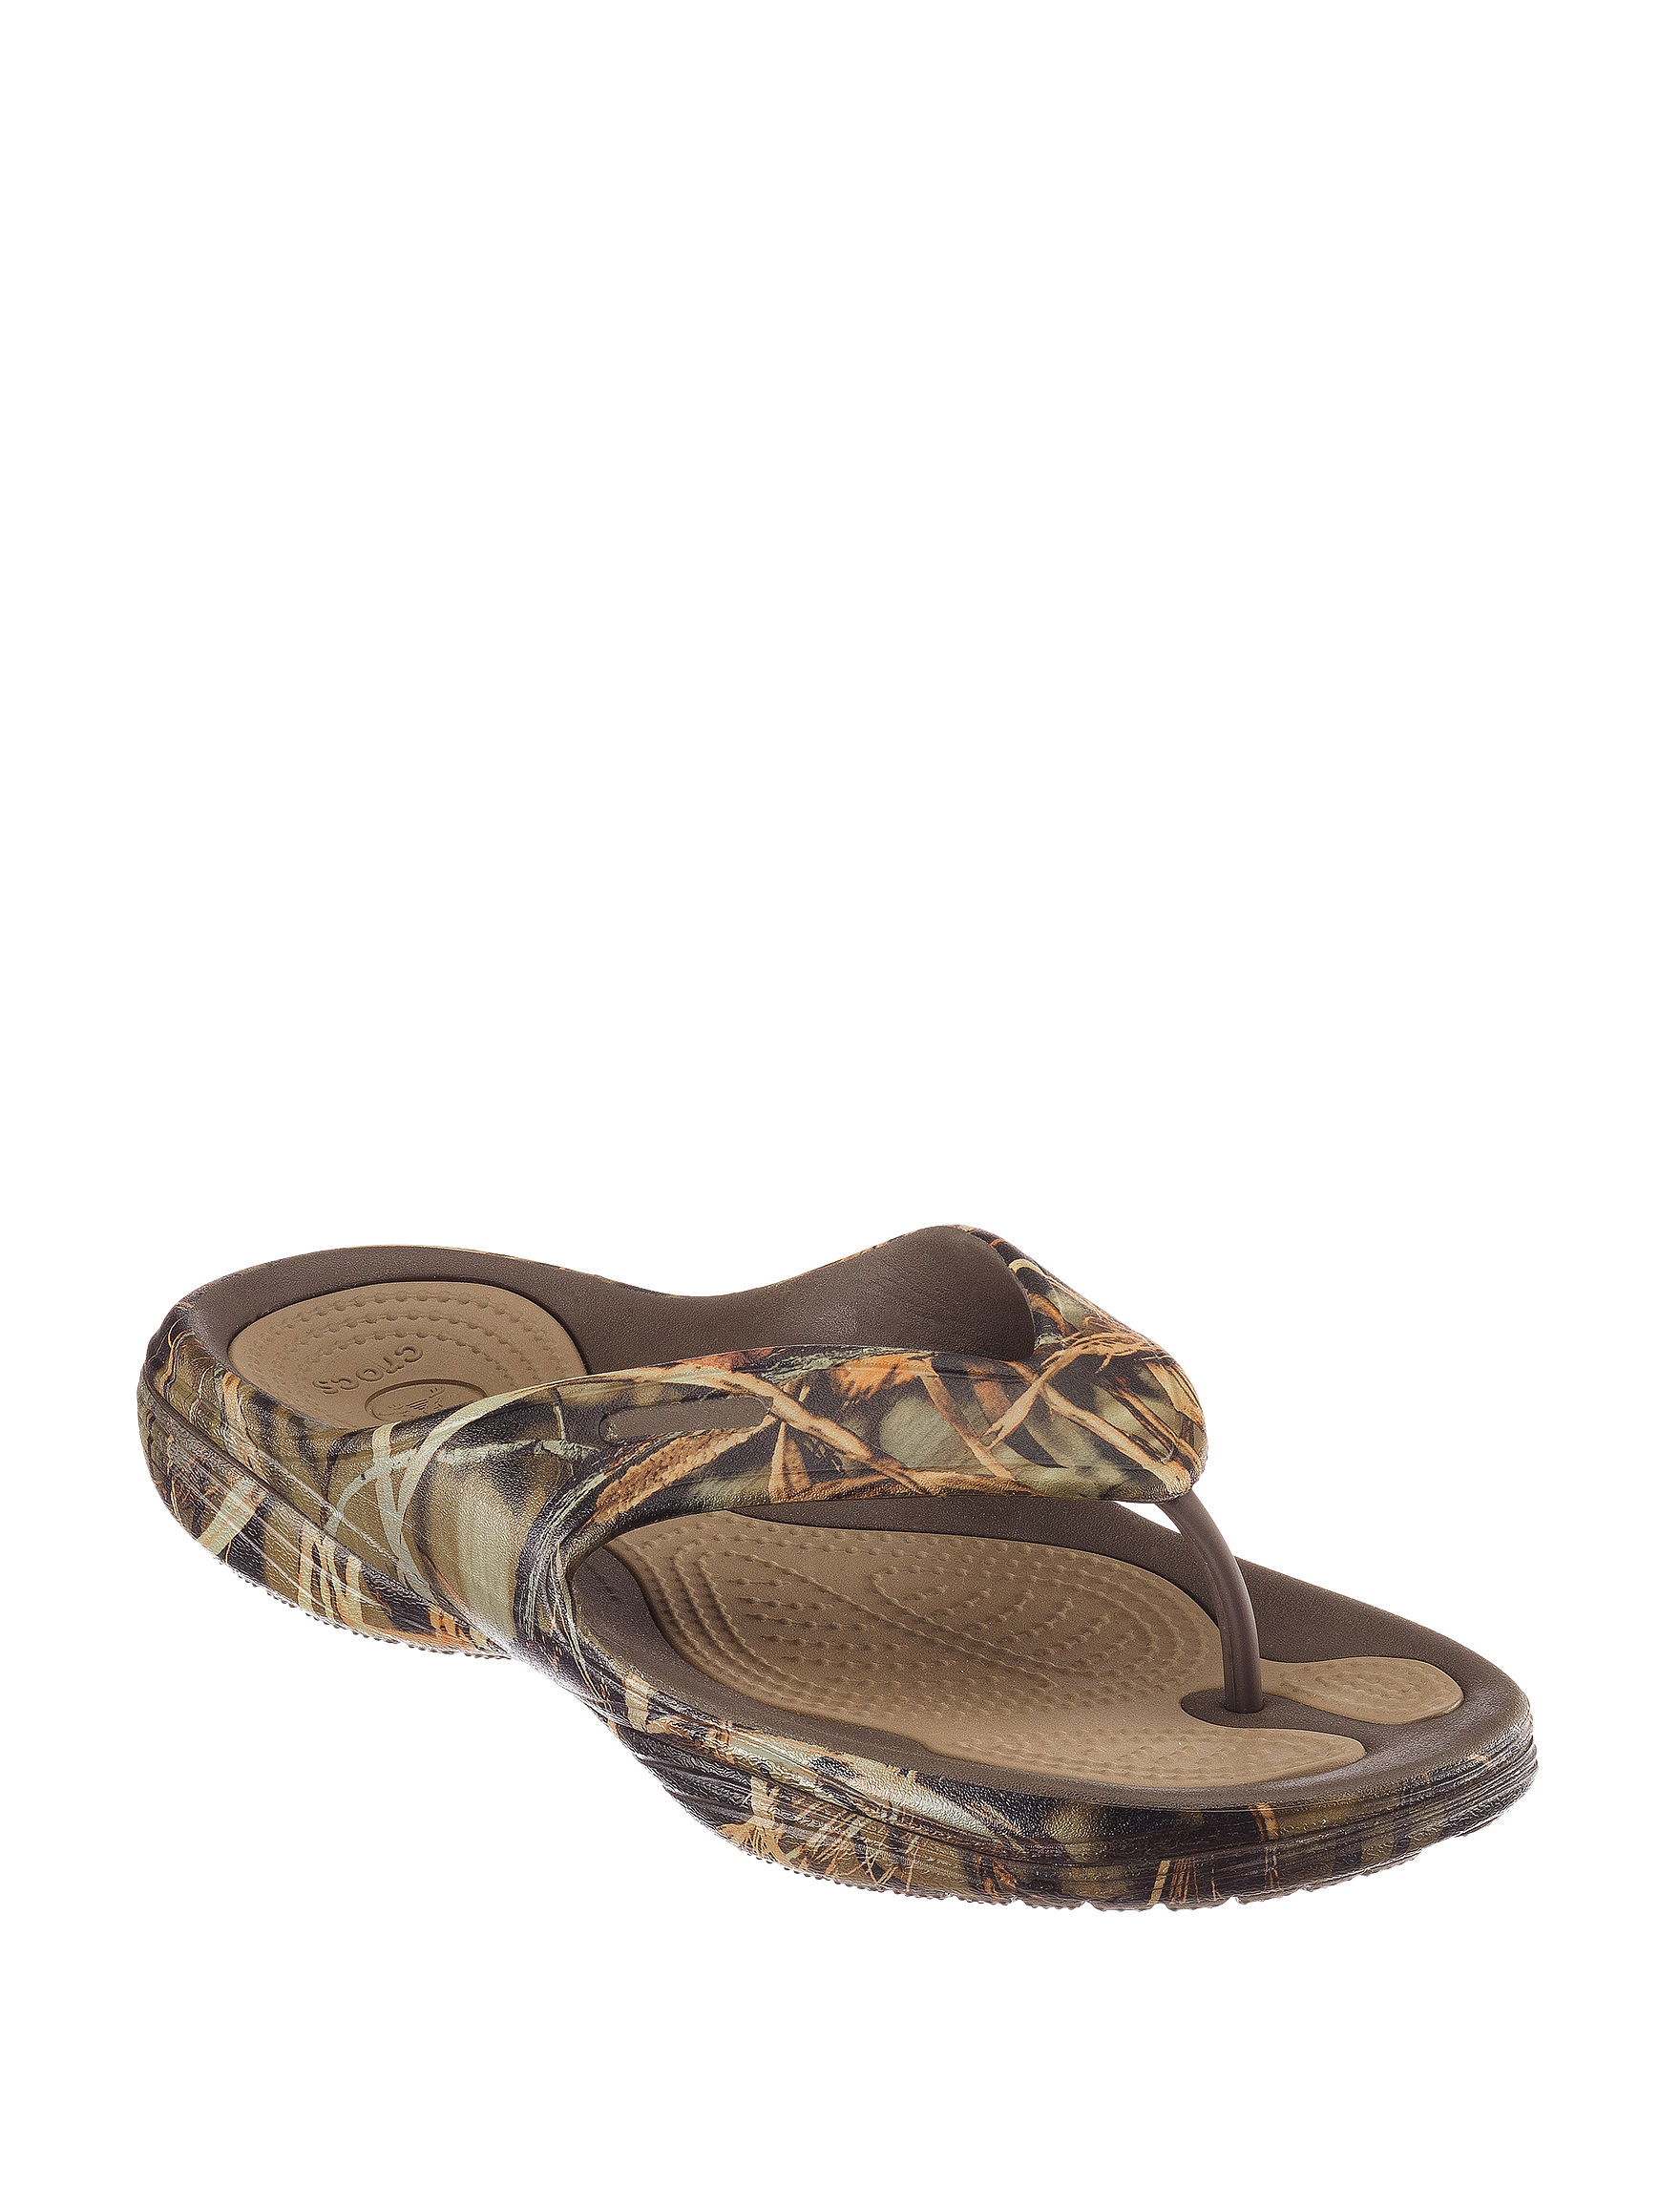 Crocs Green Sport Sandals